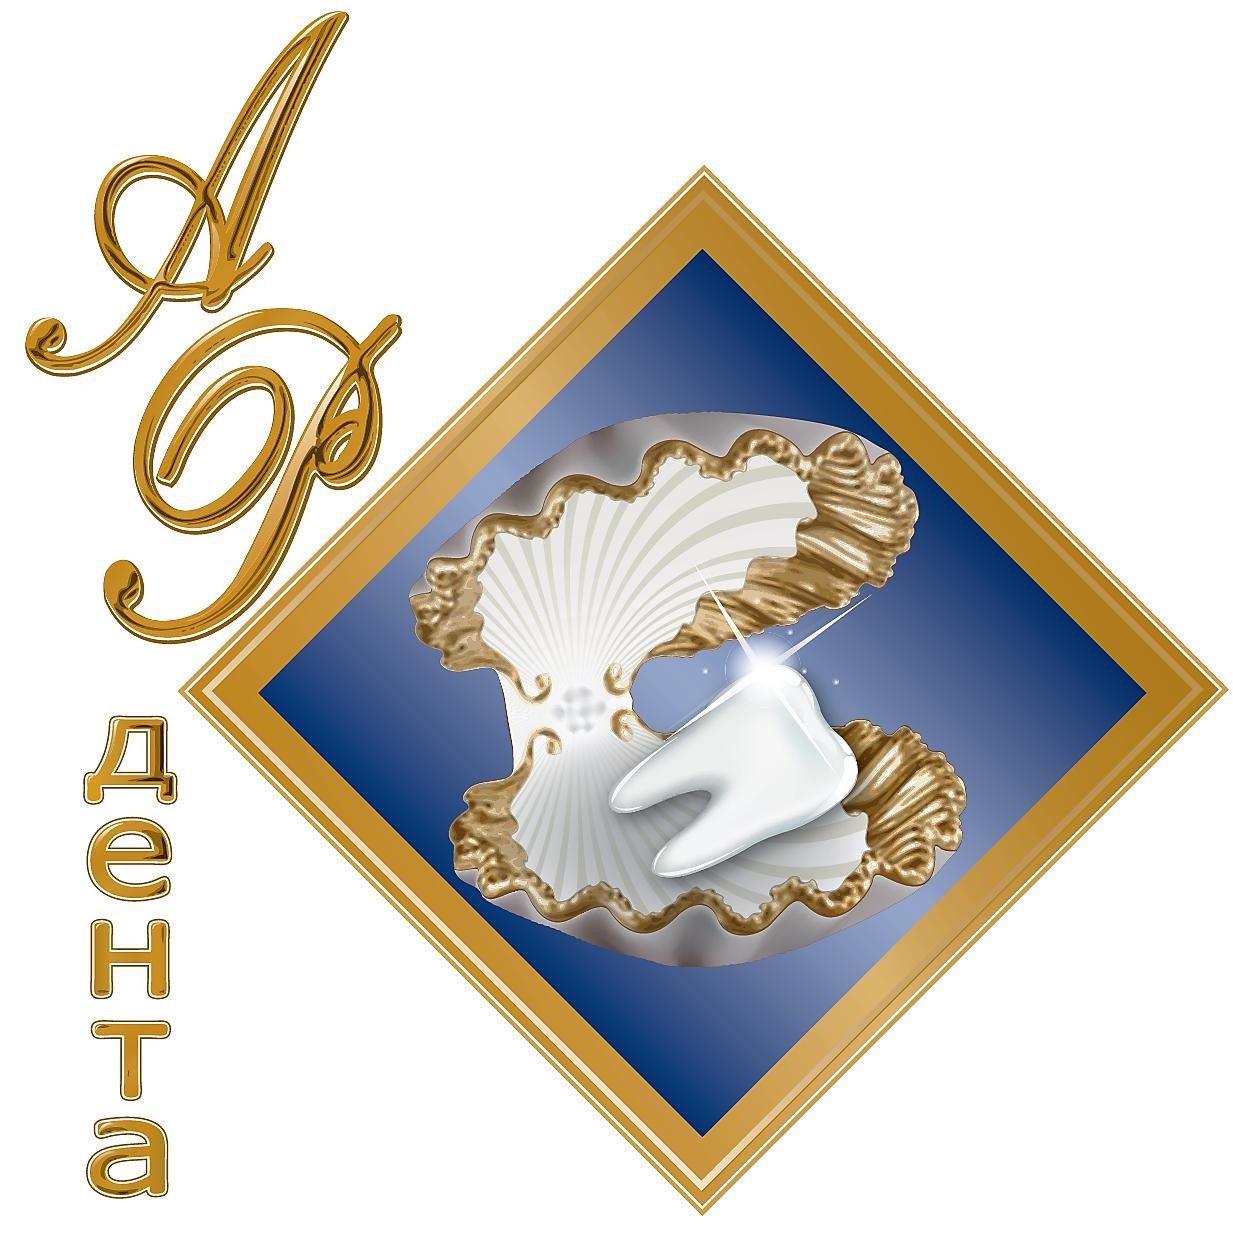 ar-denta.ru